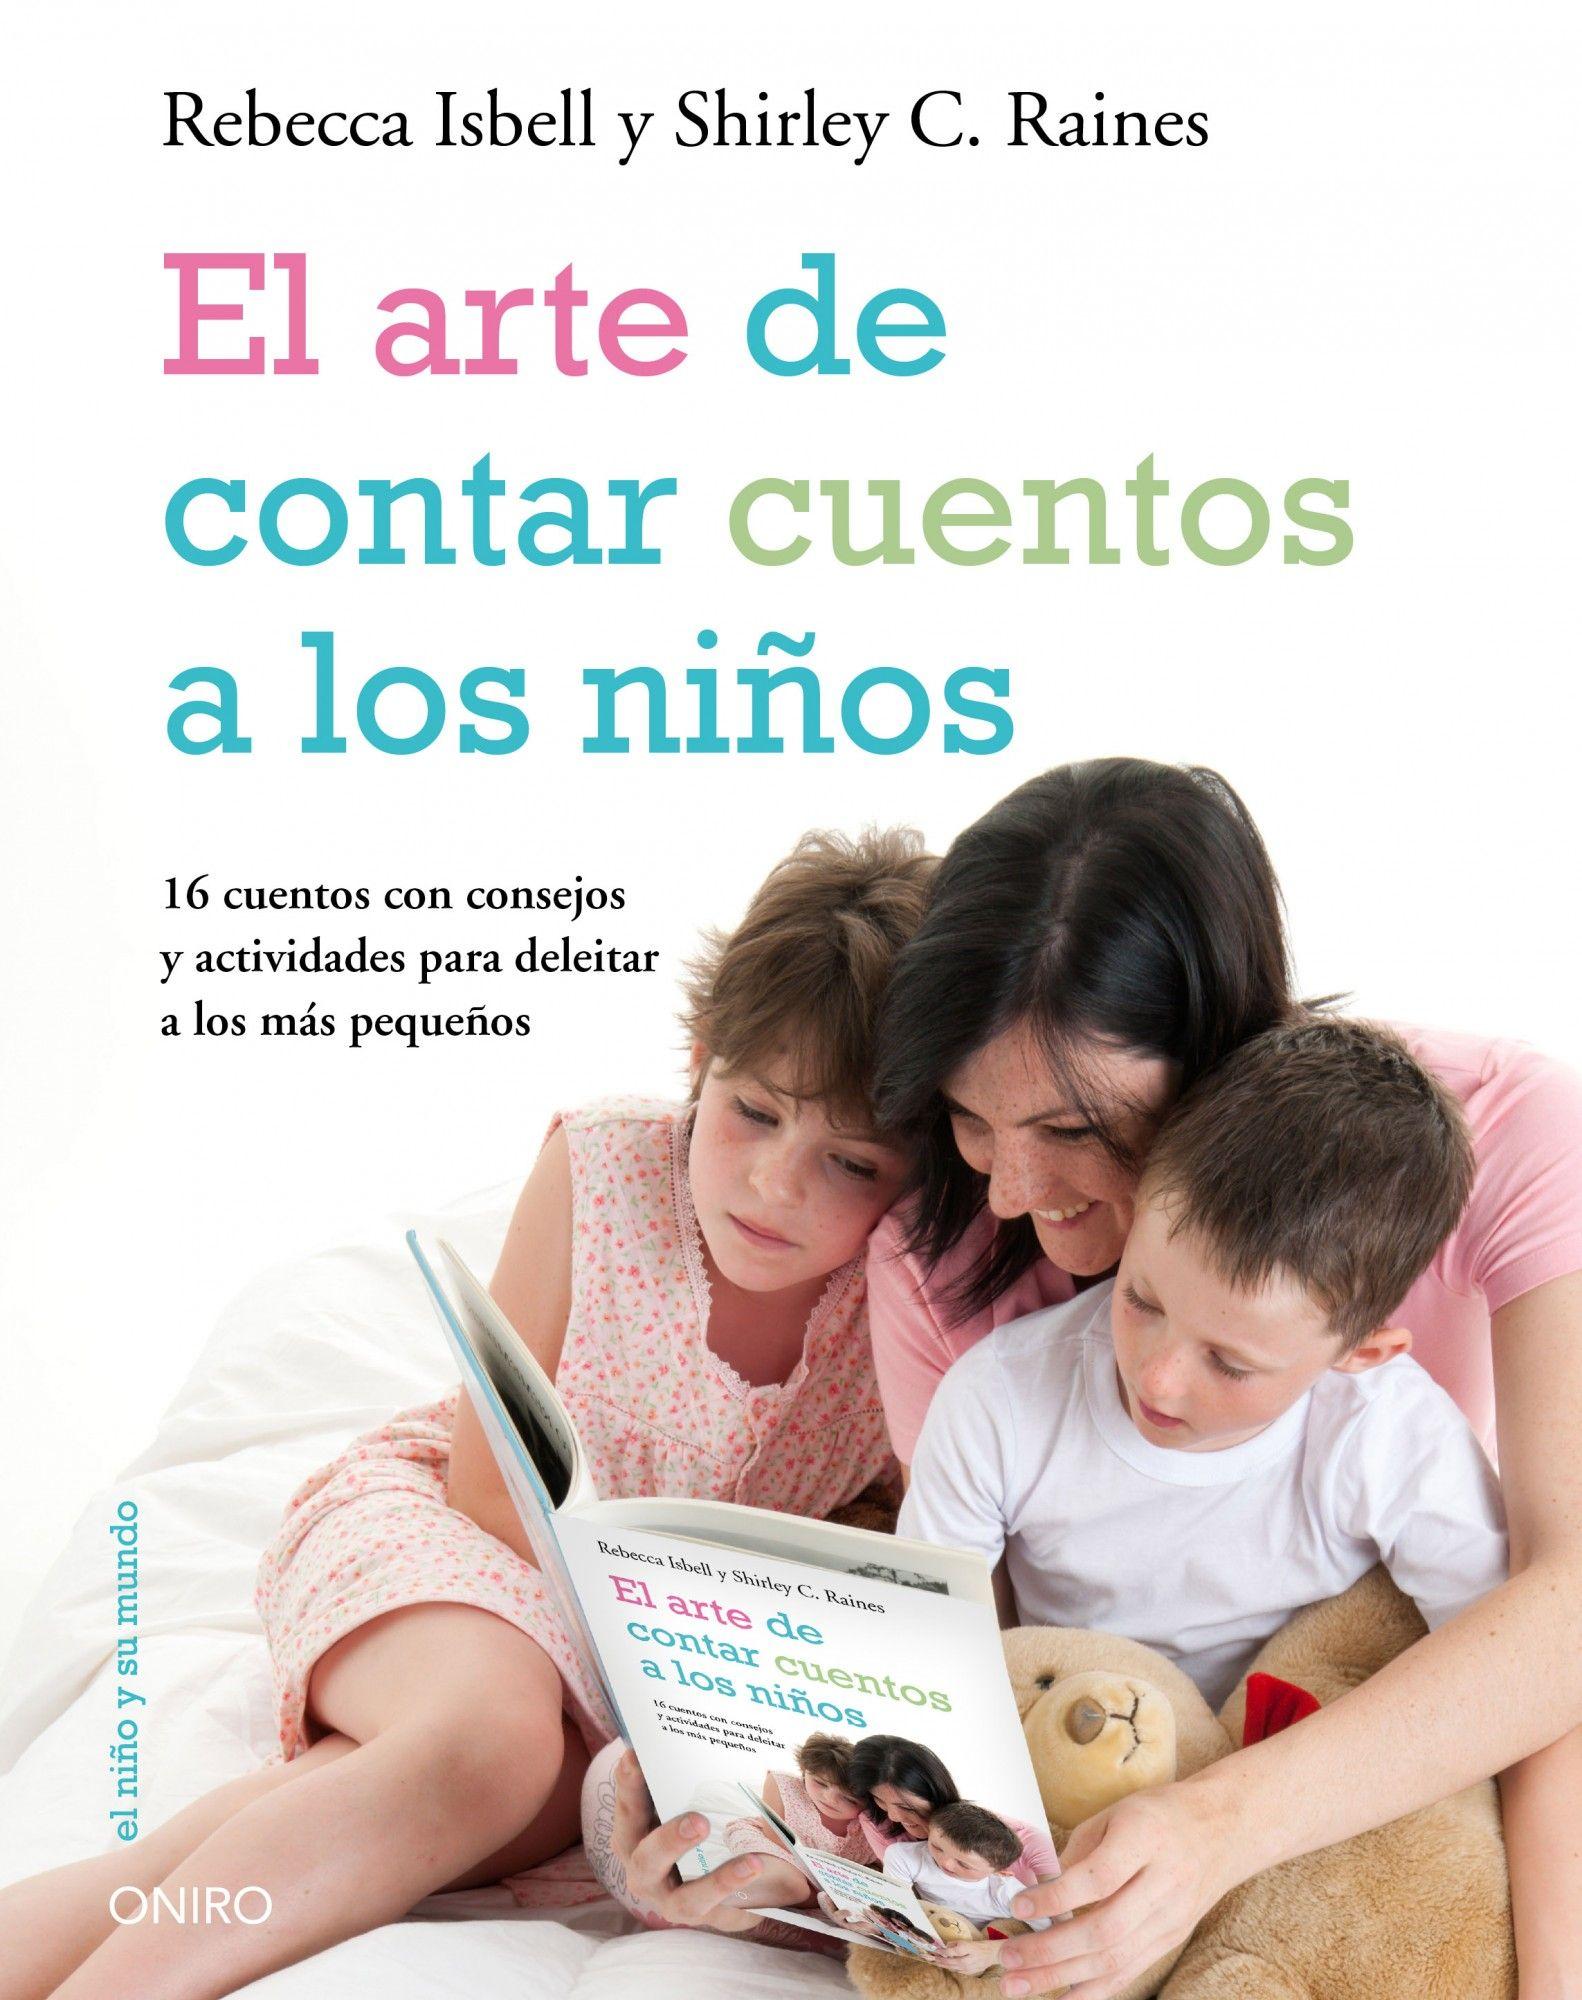 El Arte De Contar Cuentos A Los Niños por Shirley C. Raines;                                                                                    Rebecca Isbell